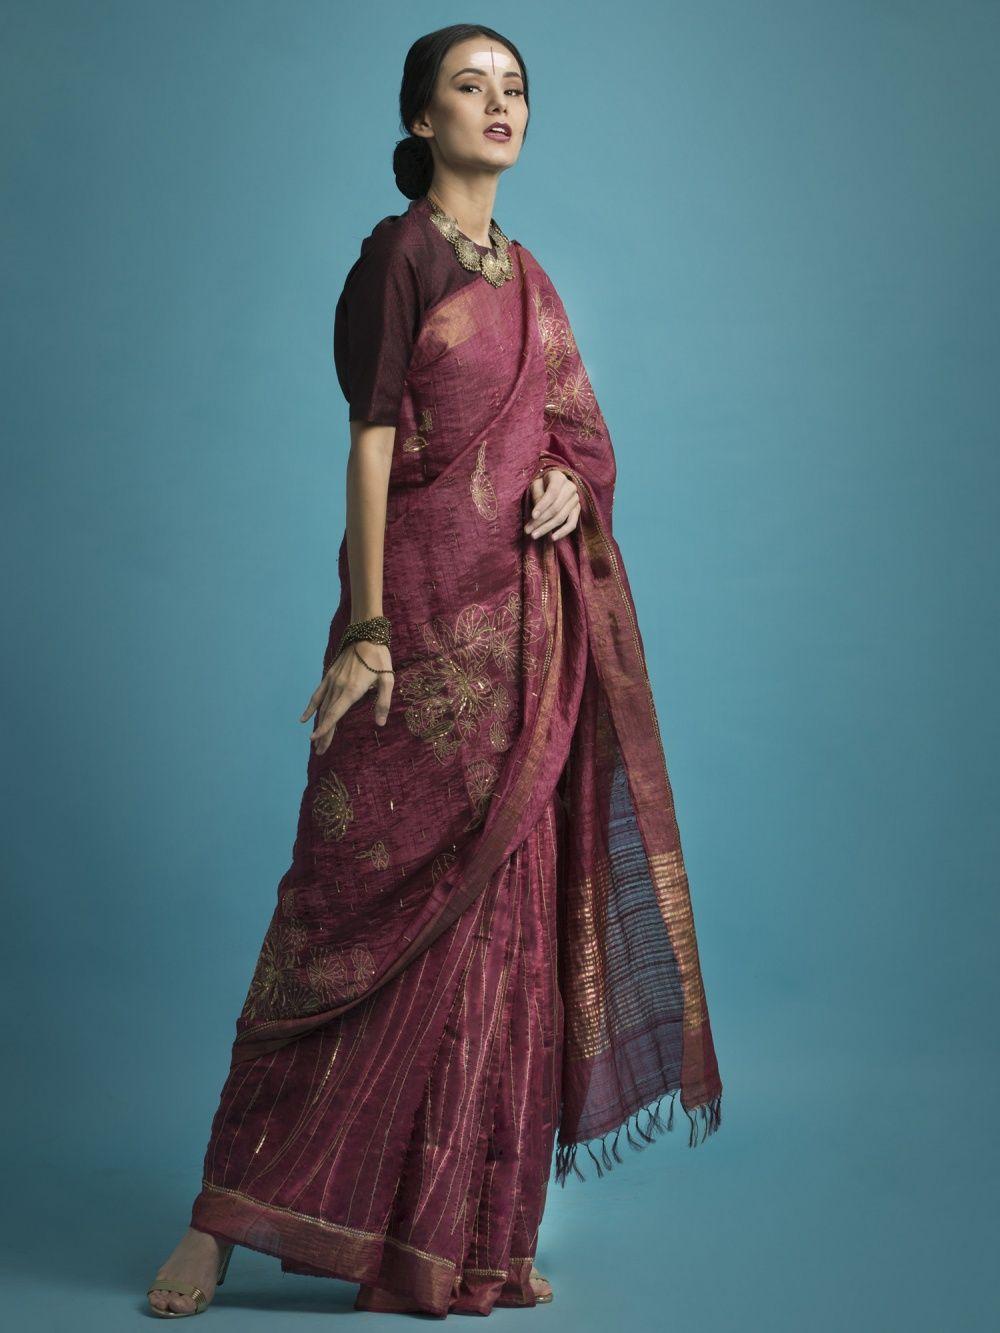 f7d4c5dded8c0 SAKSHAM   NEHARICKA Saksham   Neharicka Pink Embroidered Silk Saree